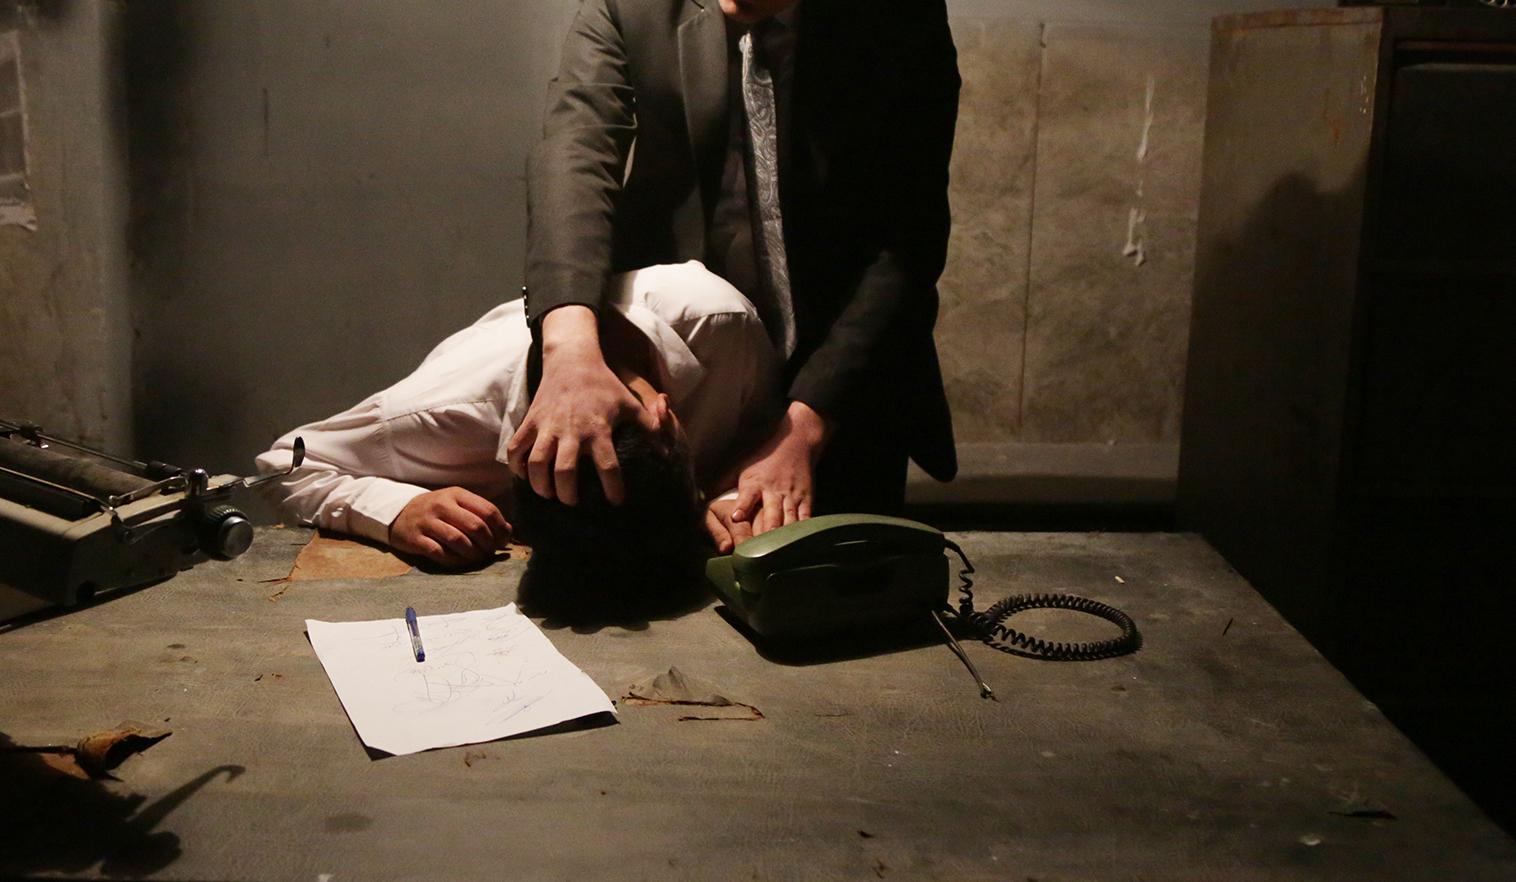 زیر و بم سازمانی خوفناک در ایران/ از شکنجههای شرم آور جسمی تا آزار و اذیتهای عجیب روحی